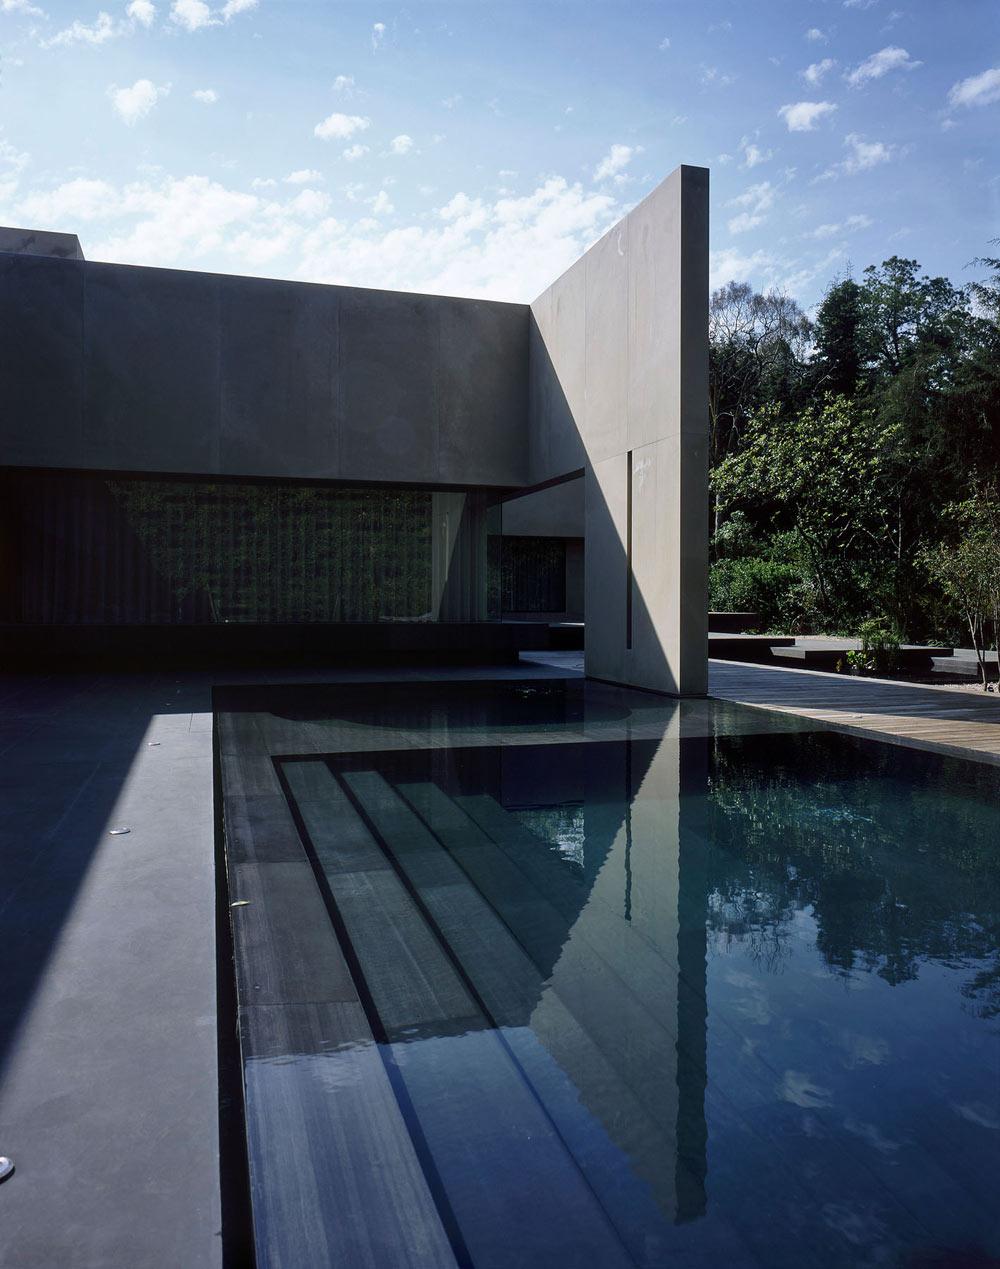 Pool, Casa Reforma by Central de Arquitectura